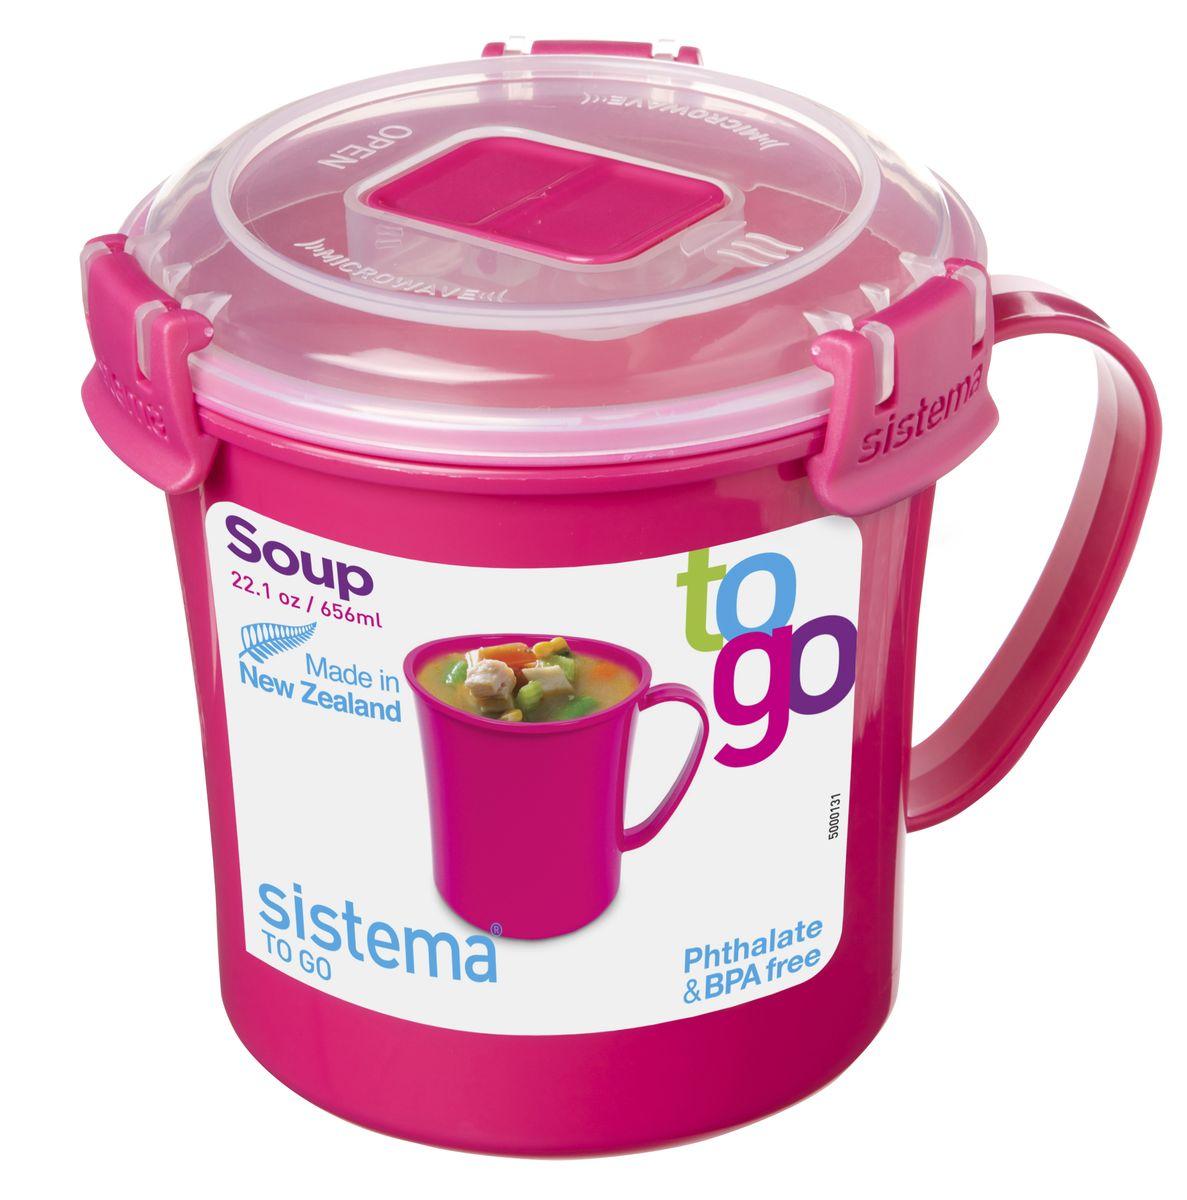 Кружка суповая Sistema TO-GO, цвет: малиновый, 656 мл21107_малиновый